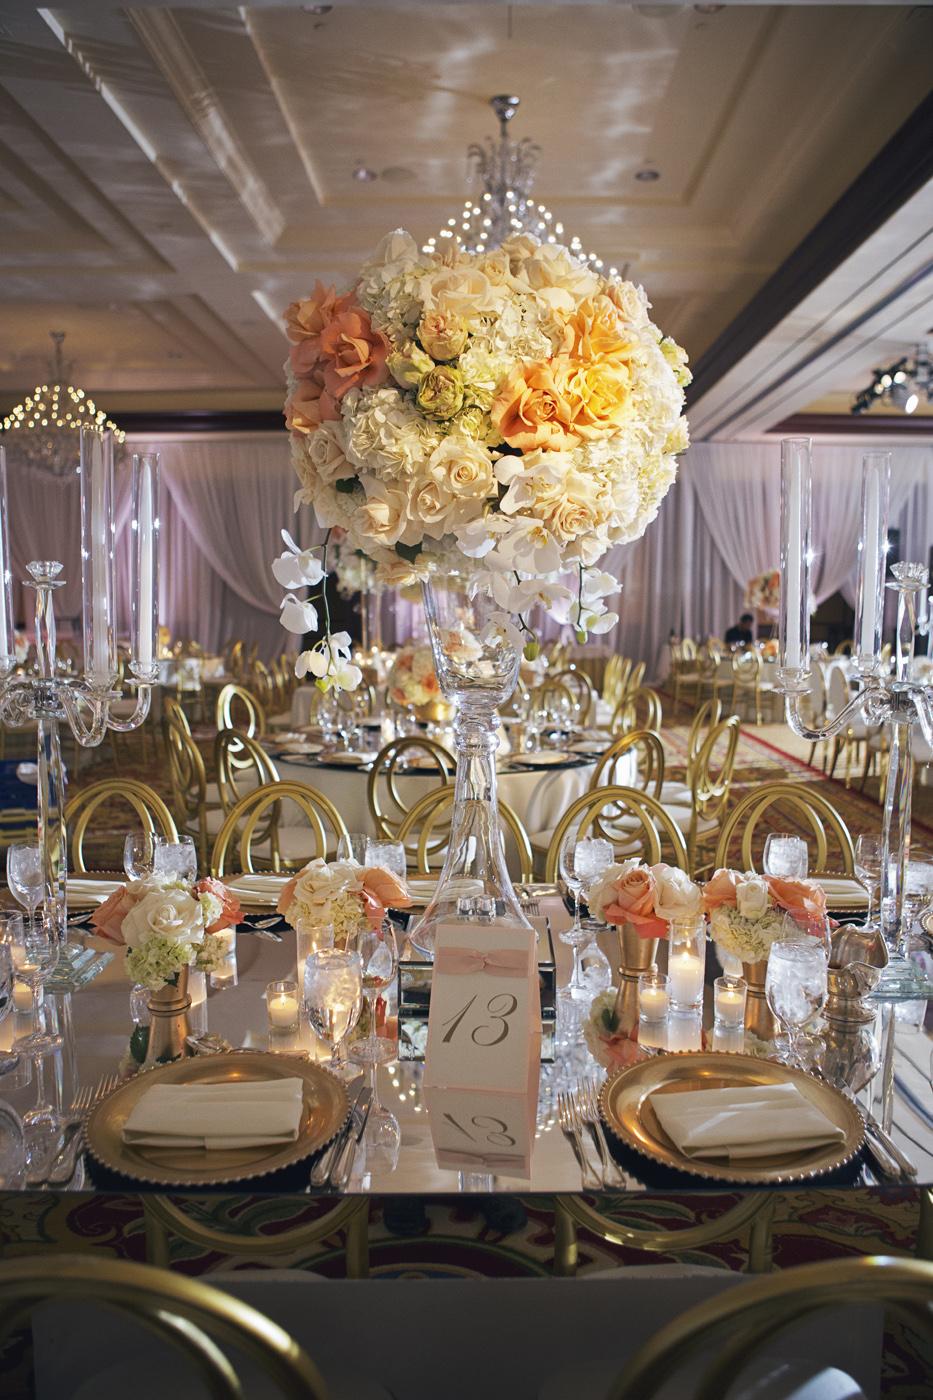 059_DukePhotography_DukeImages_Wedding_Details.jpg